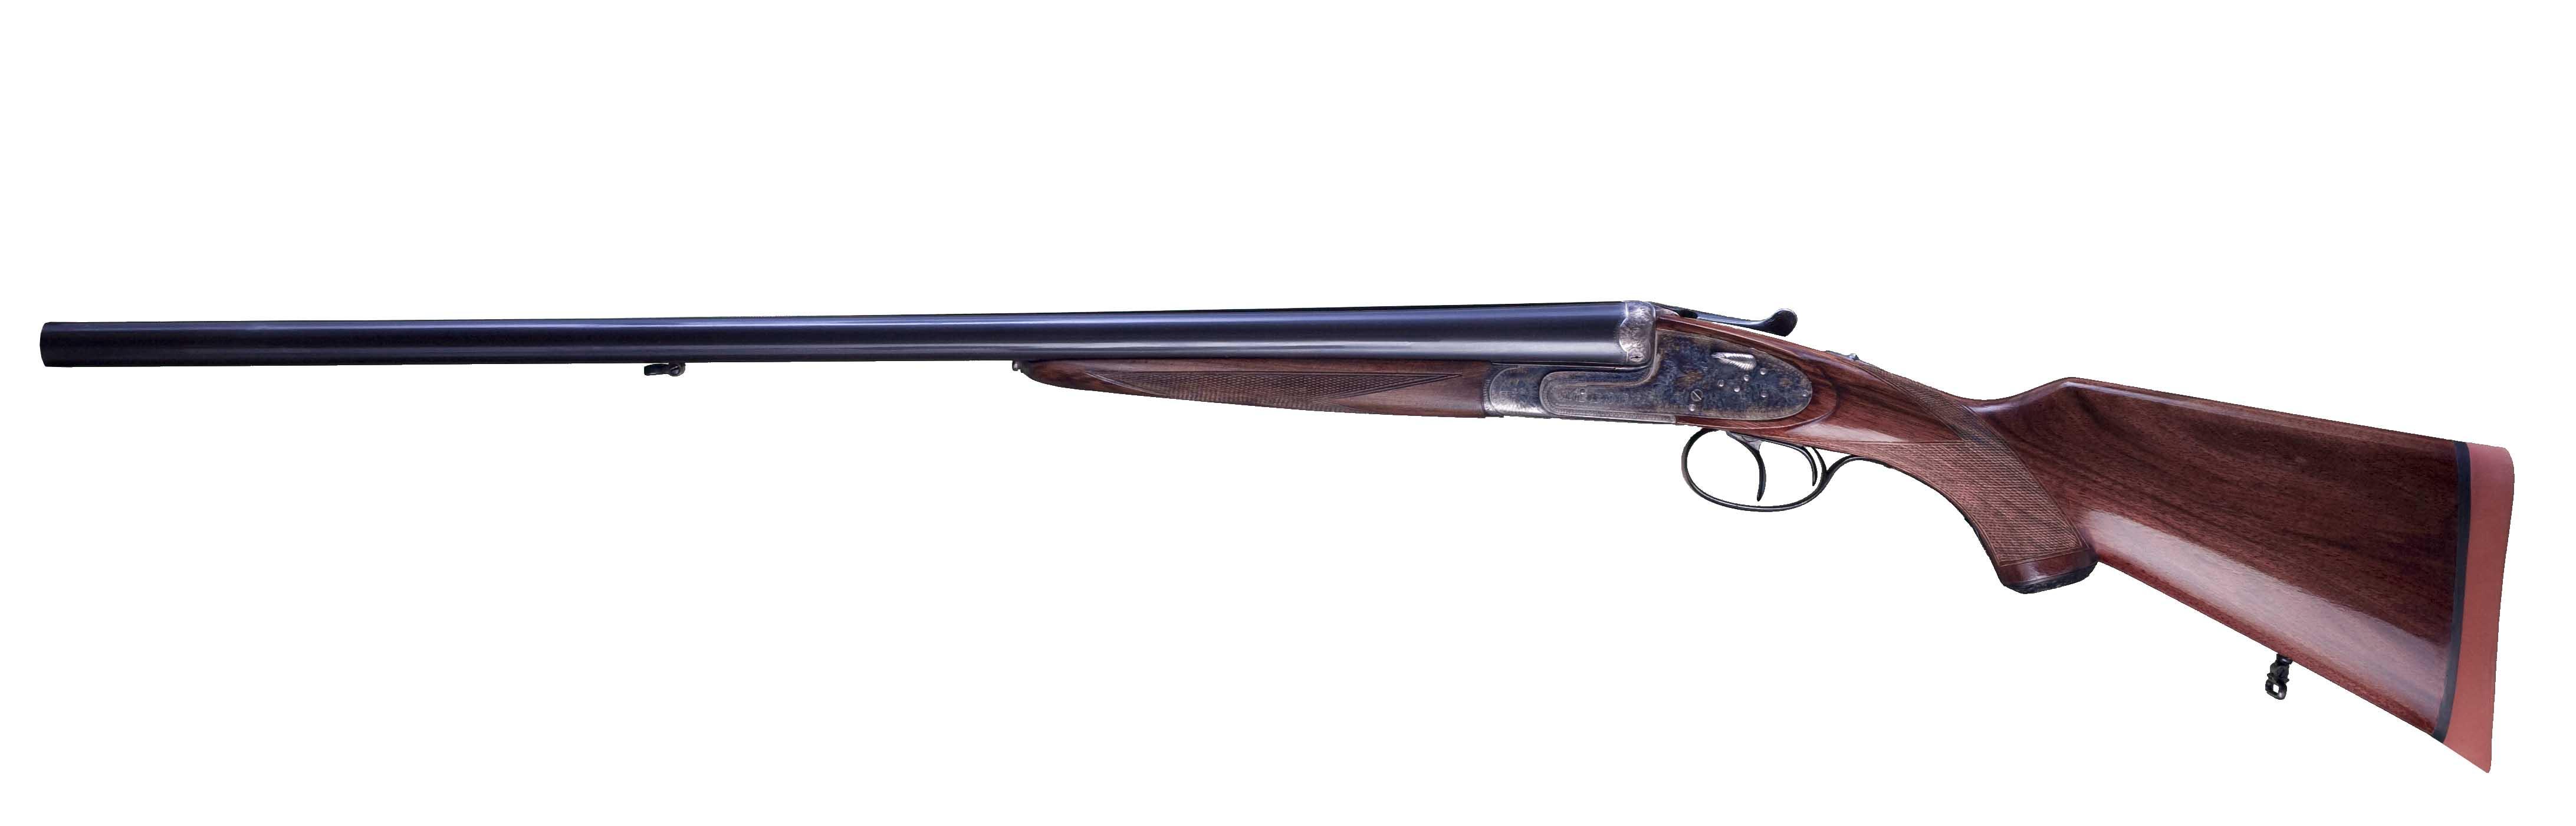 Escopetas de escopeta de escolta heredadas